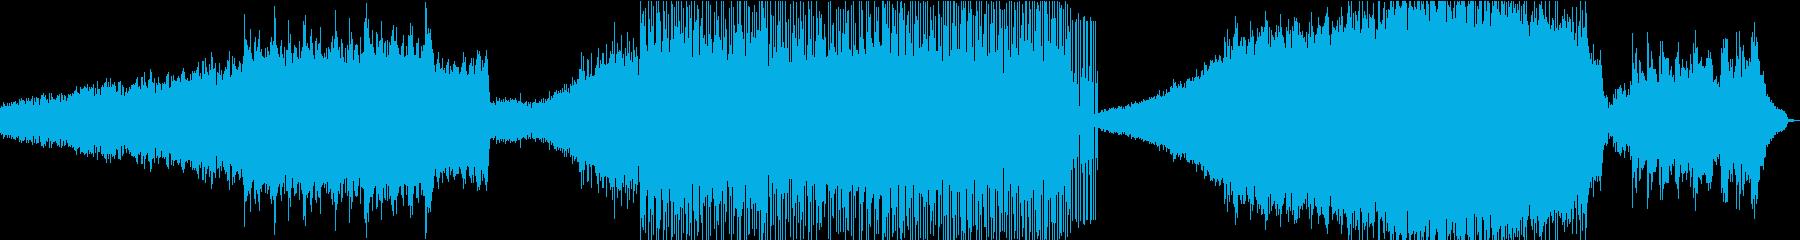 シンセシーケンスバックグラウンドの...の再生済みの波形